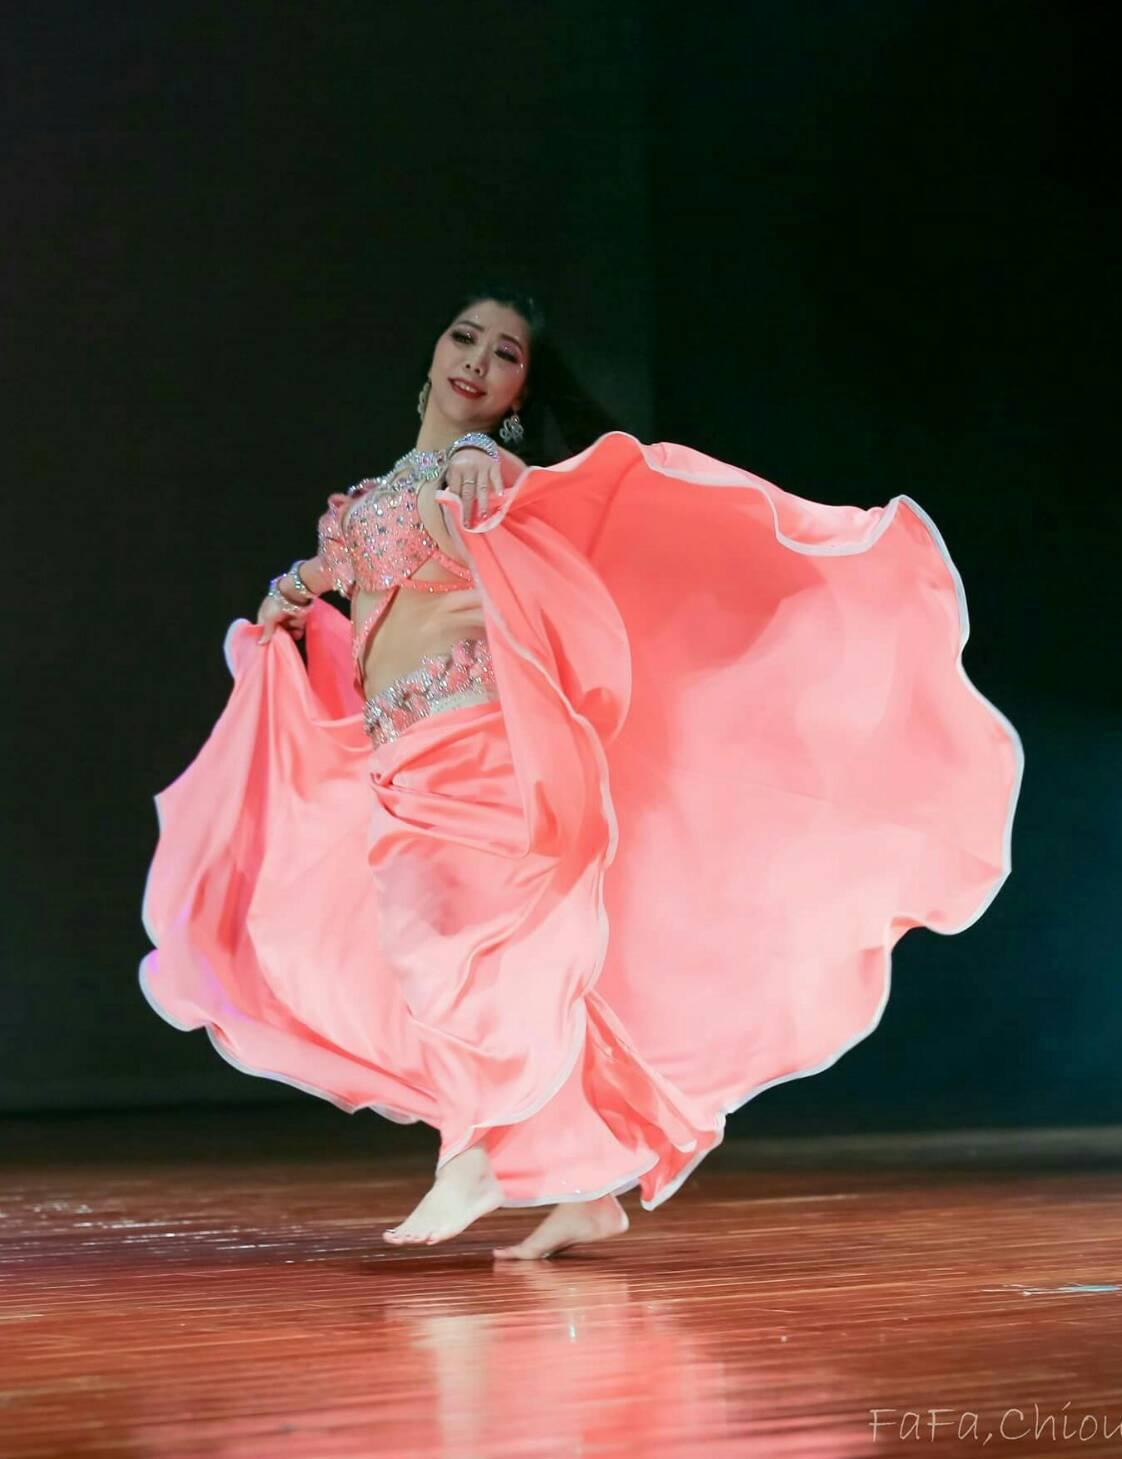 賴宜珊重拾舞蹈今年挑戰自我,接連參加3場國際舞蹈大賽,並都拿下冠軍獎座。 圖/賴...